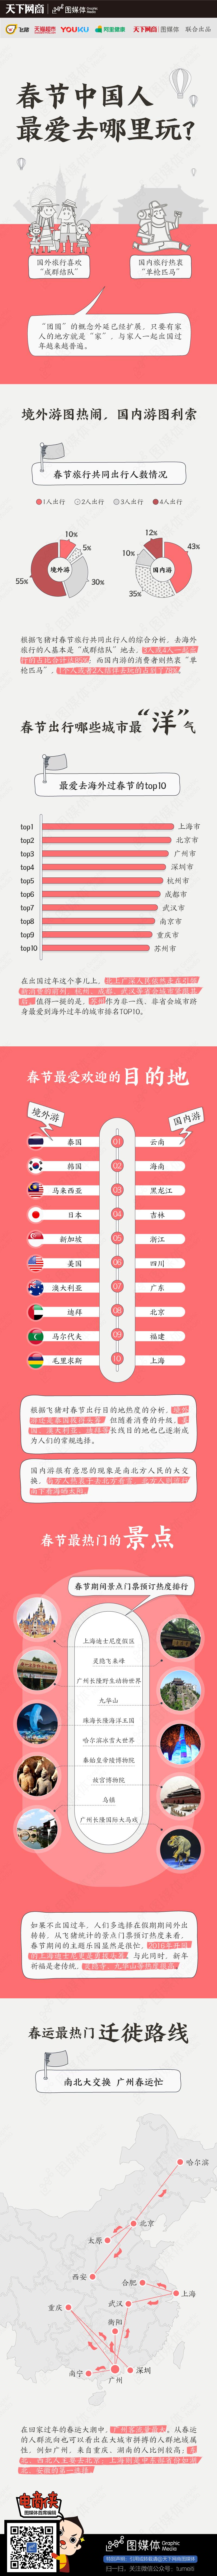 中国人春节最爱玩-飞猪